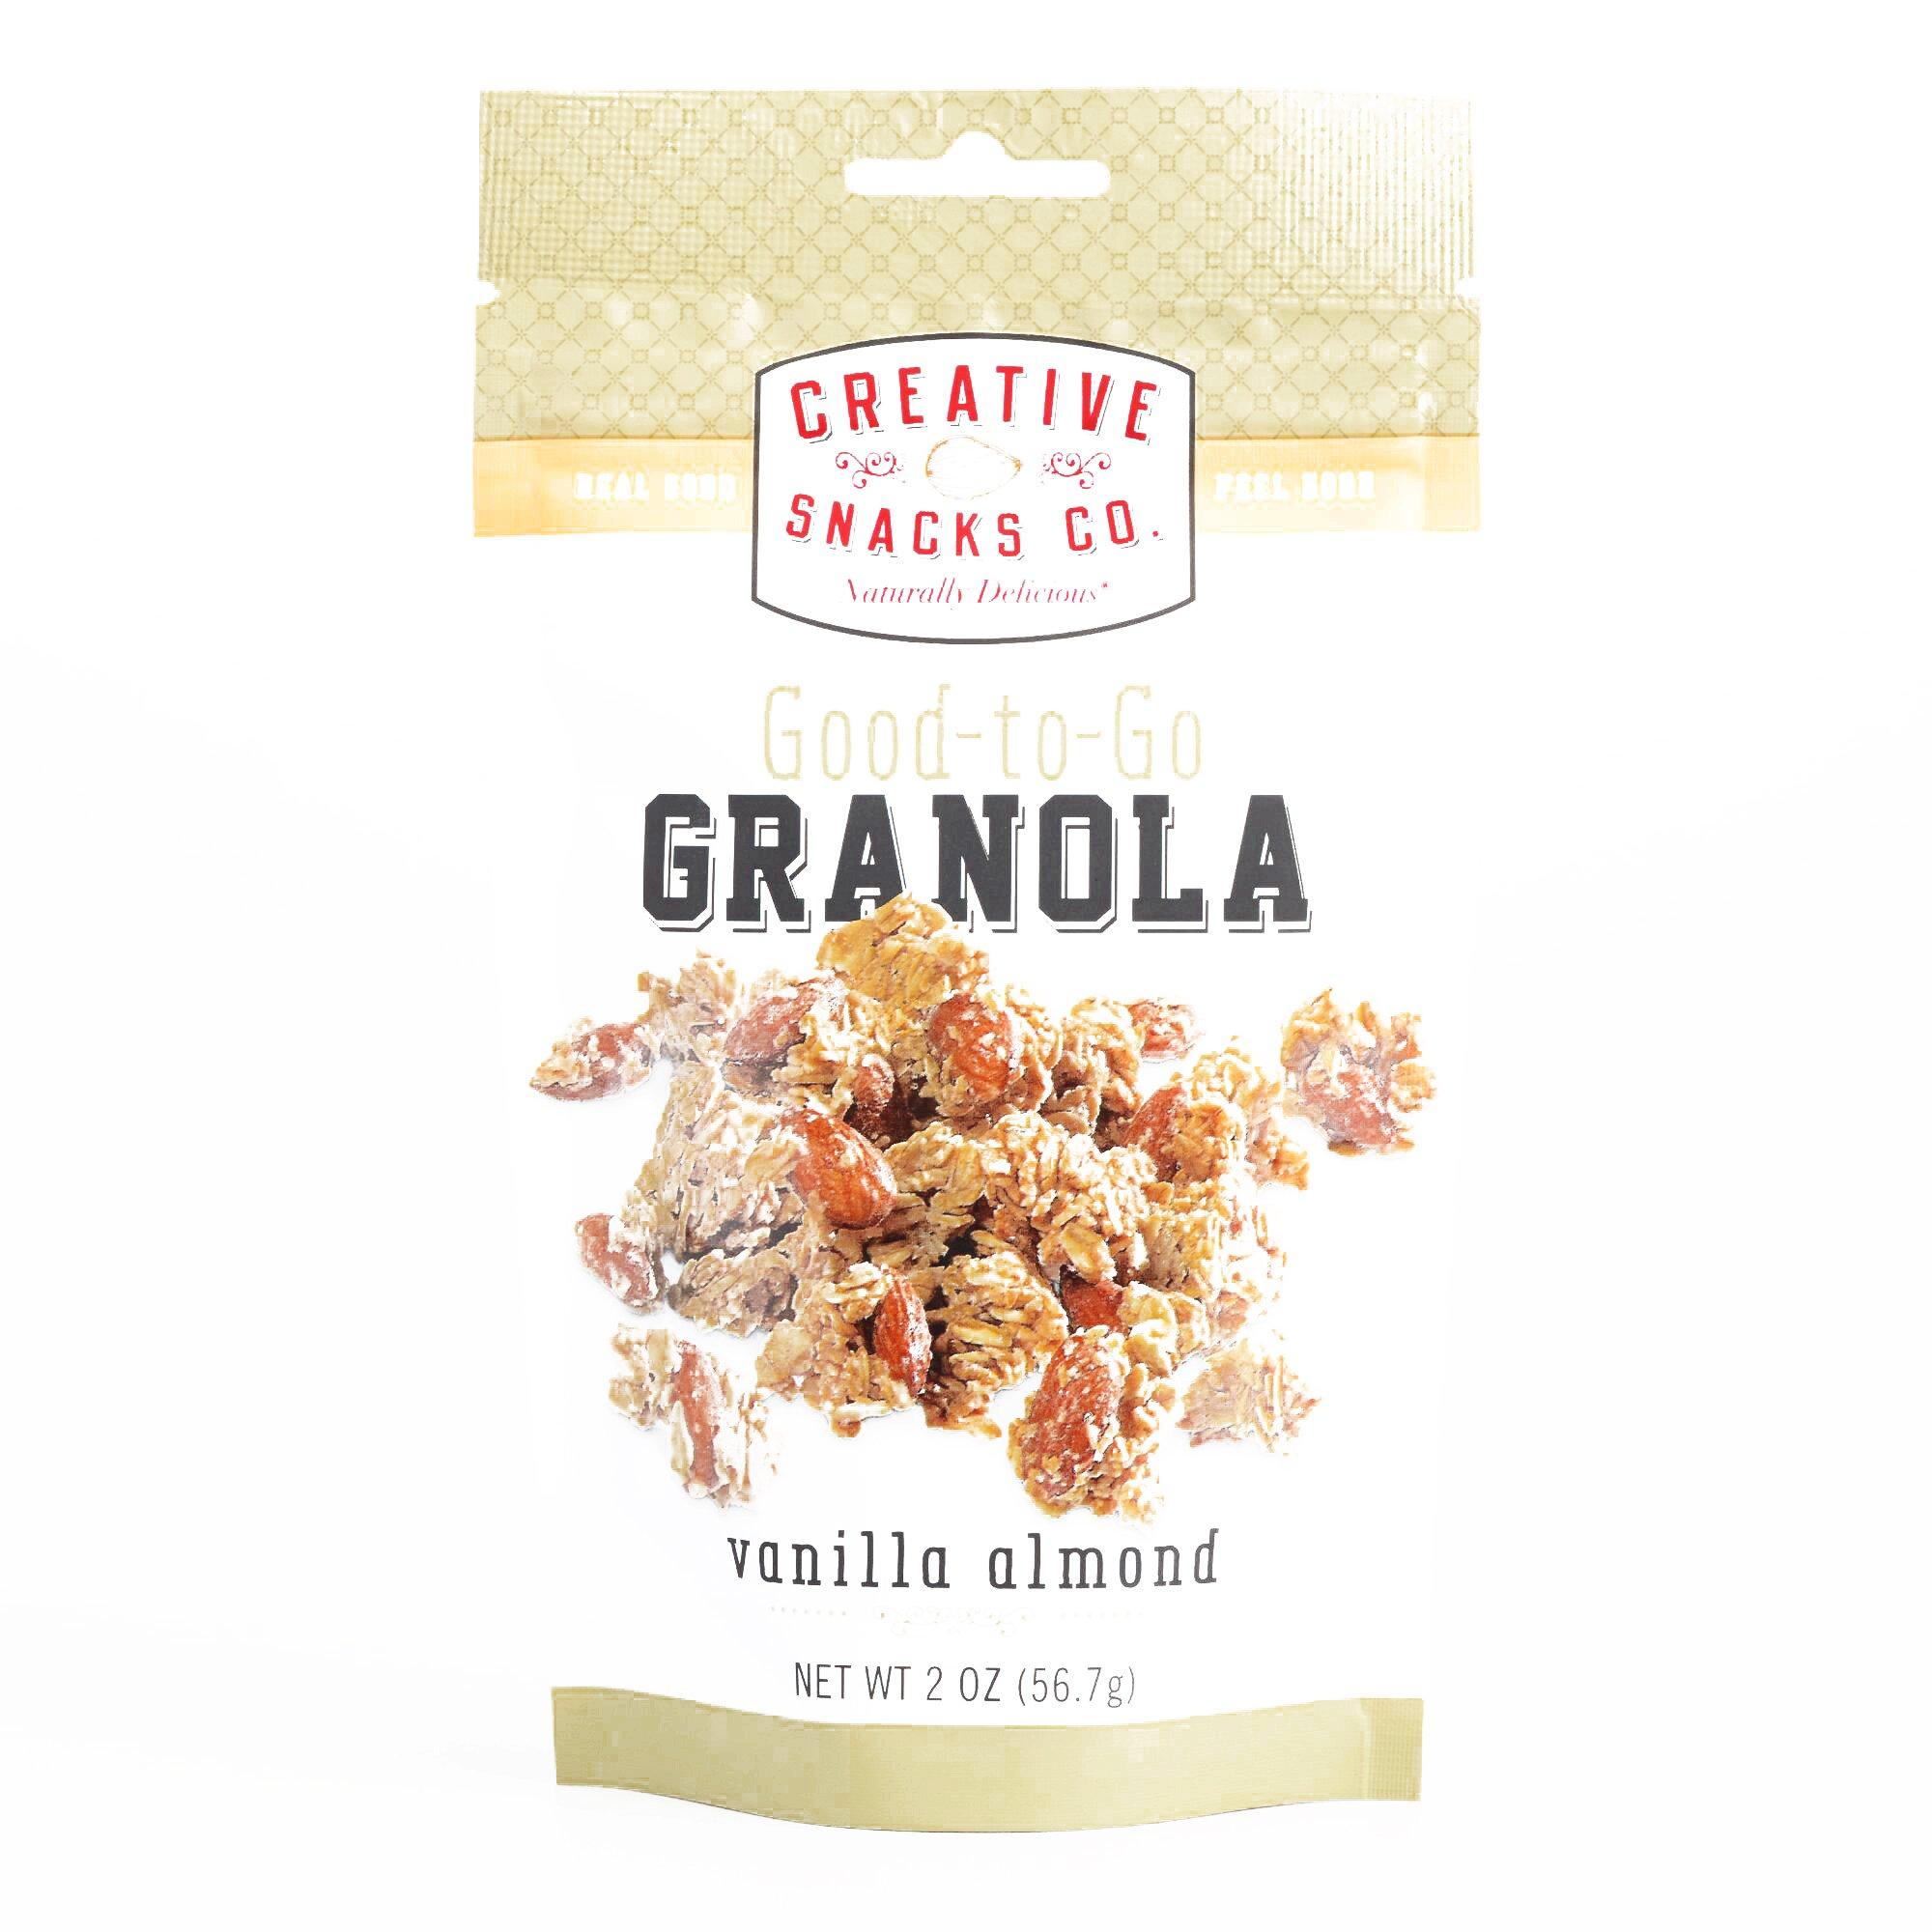 Creative Snacks Co. Vanilla Almond Granola 2 oz each (1 Item Per Order, not per case)